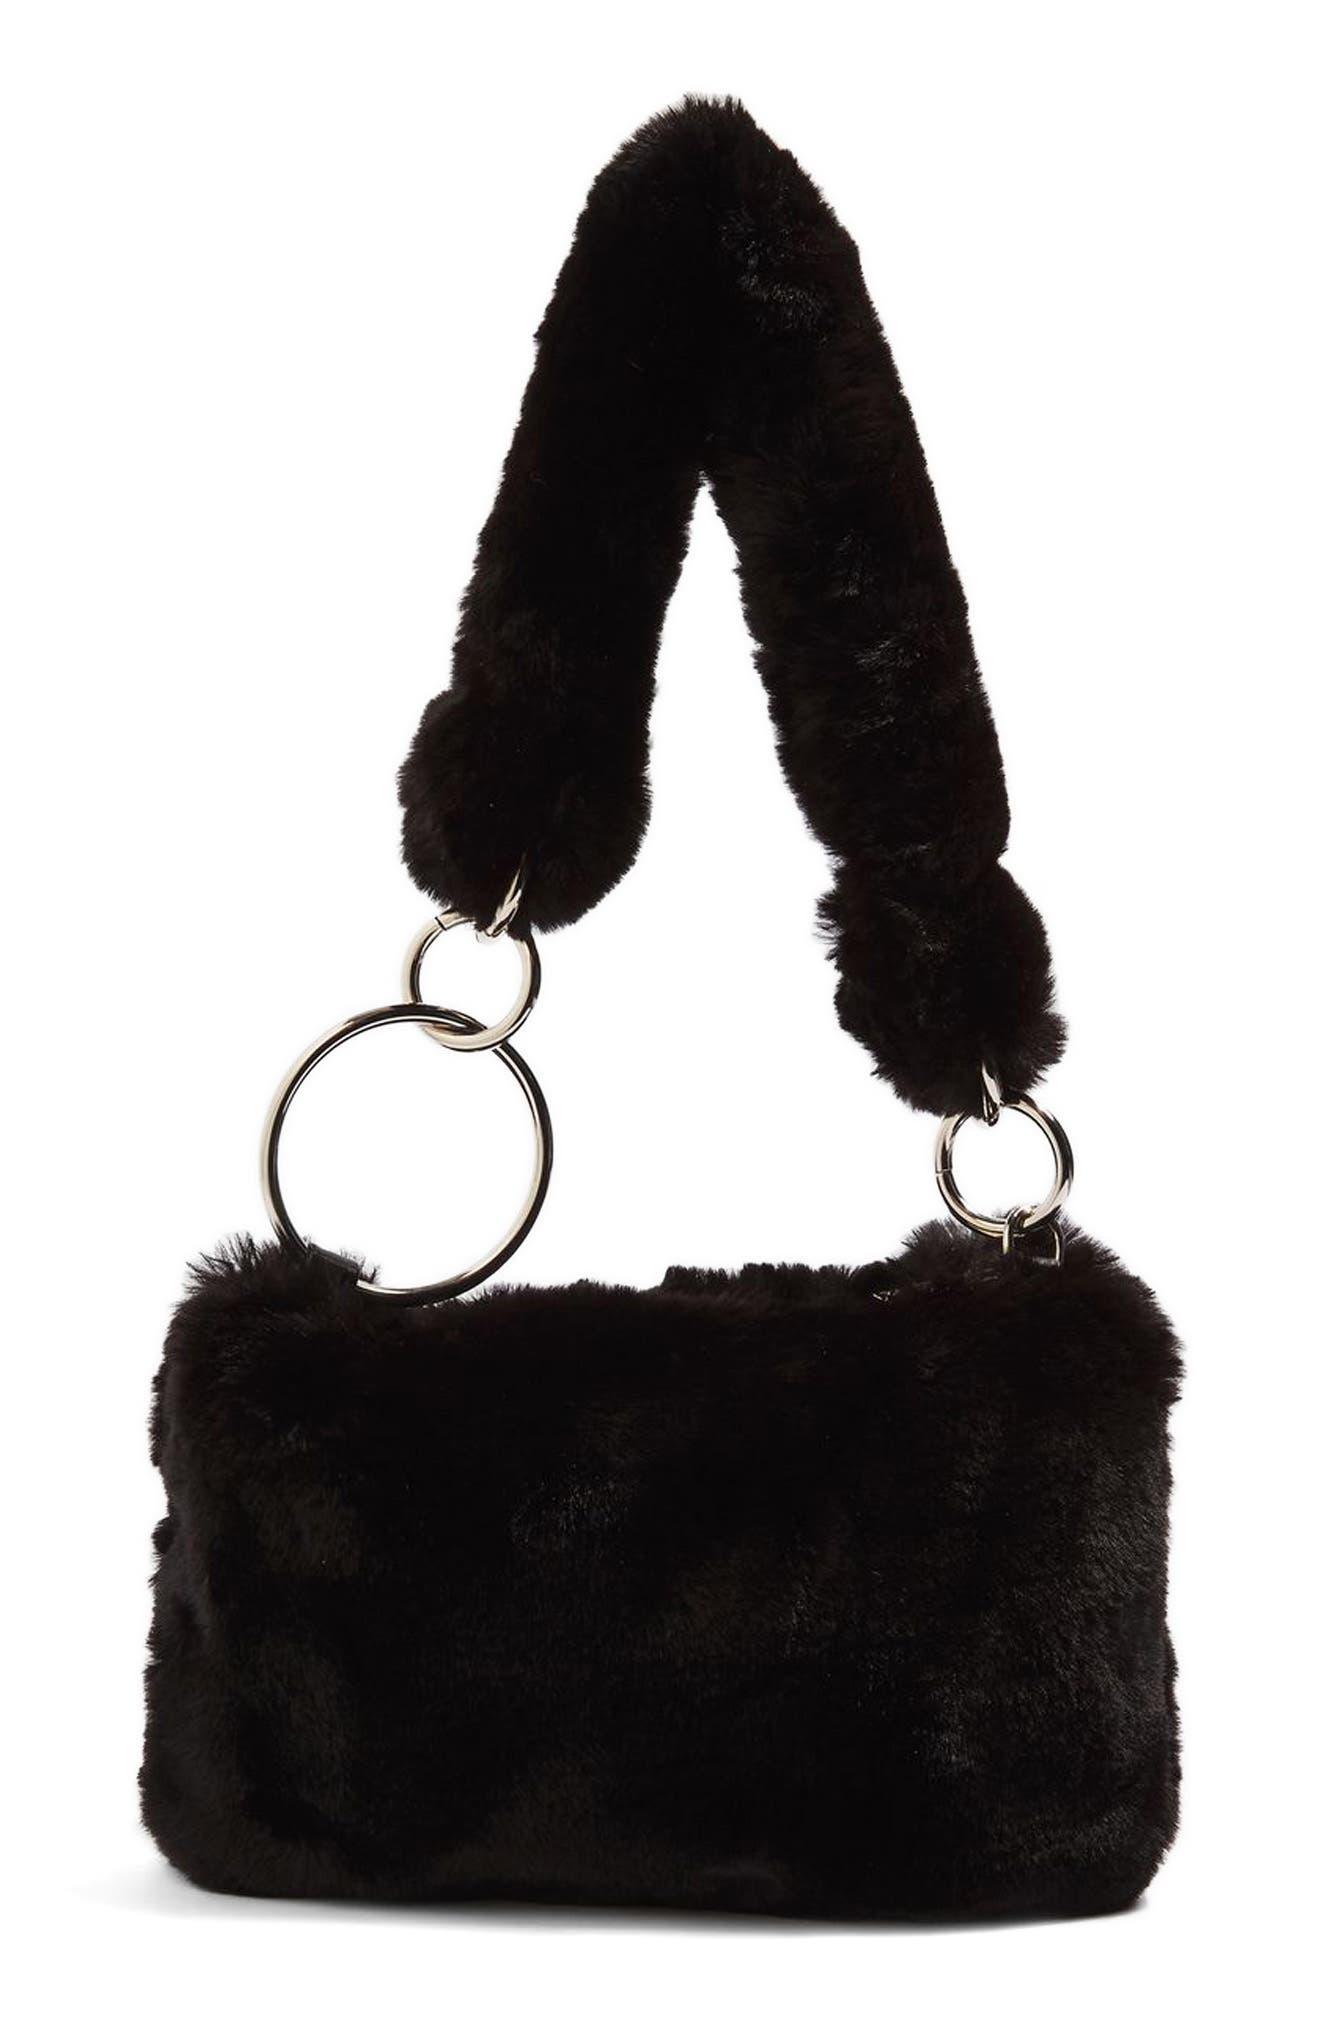 Alternate Image 1 Selected - Topshop Teddy Faux Fur Shoulder Bag